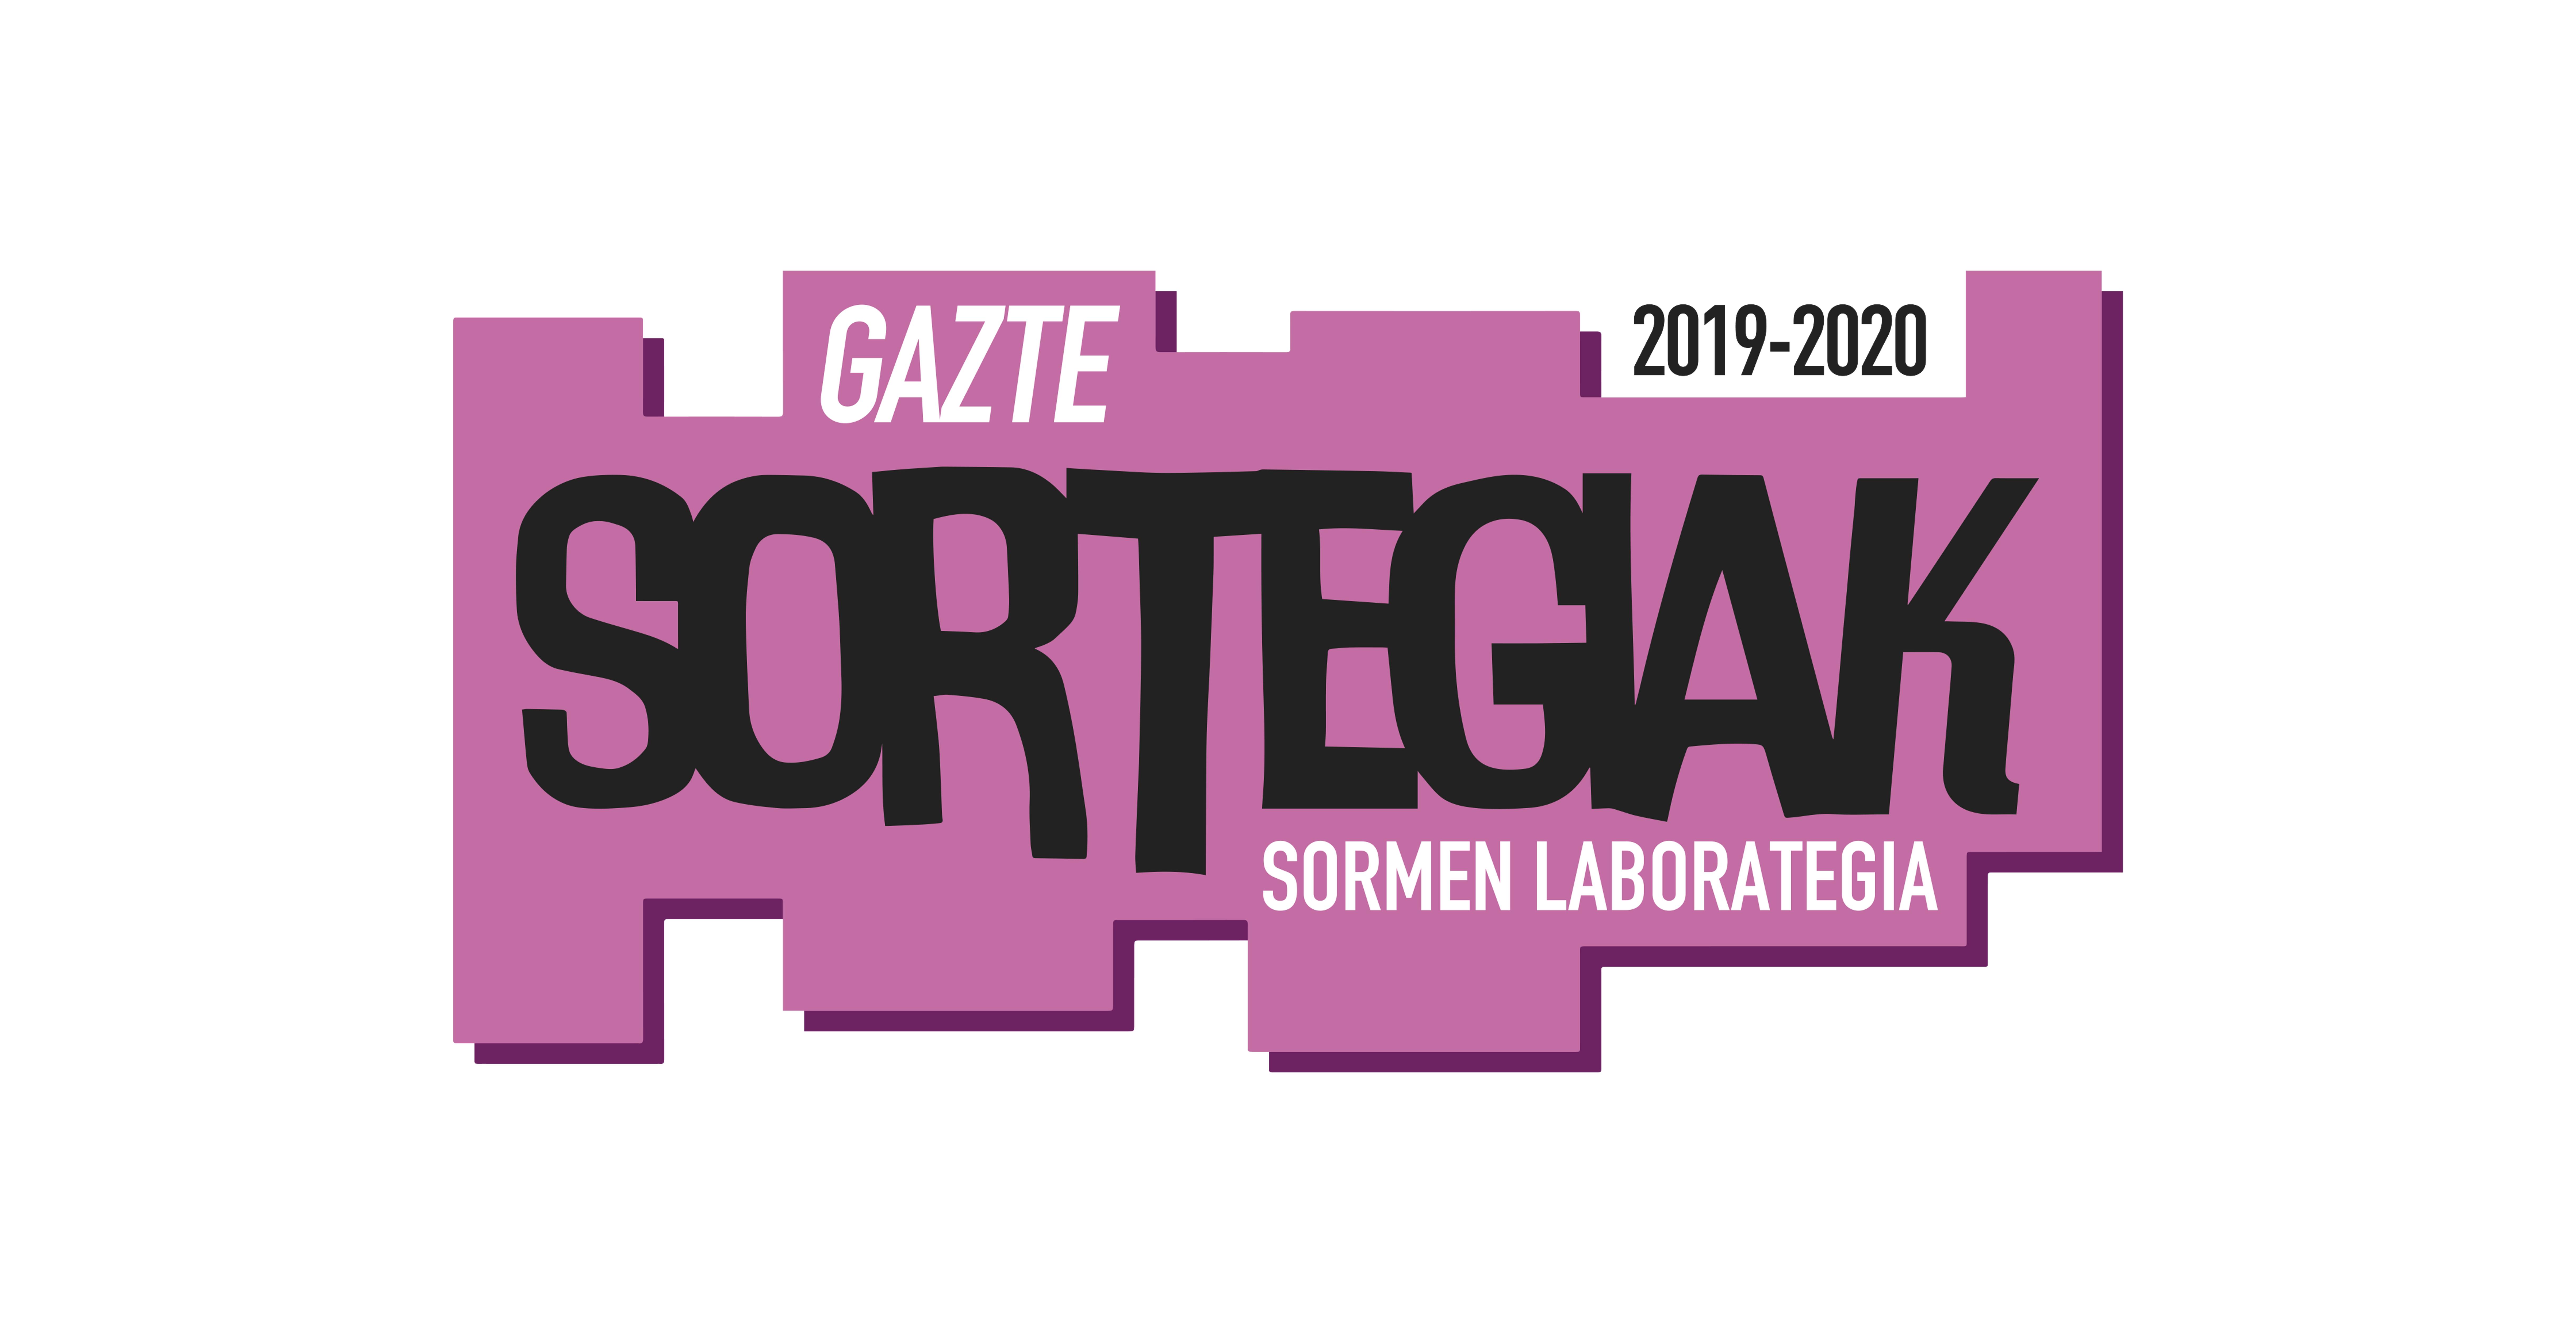 Gazte sortegiak 2019: <br /> nuevo laboratorio de creación en Oihaneder <br />